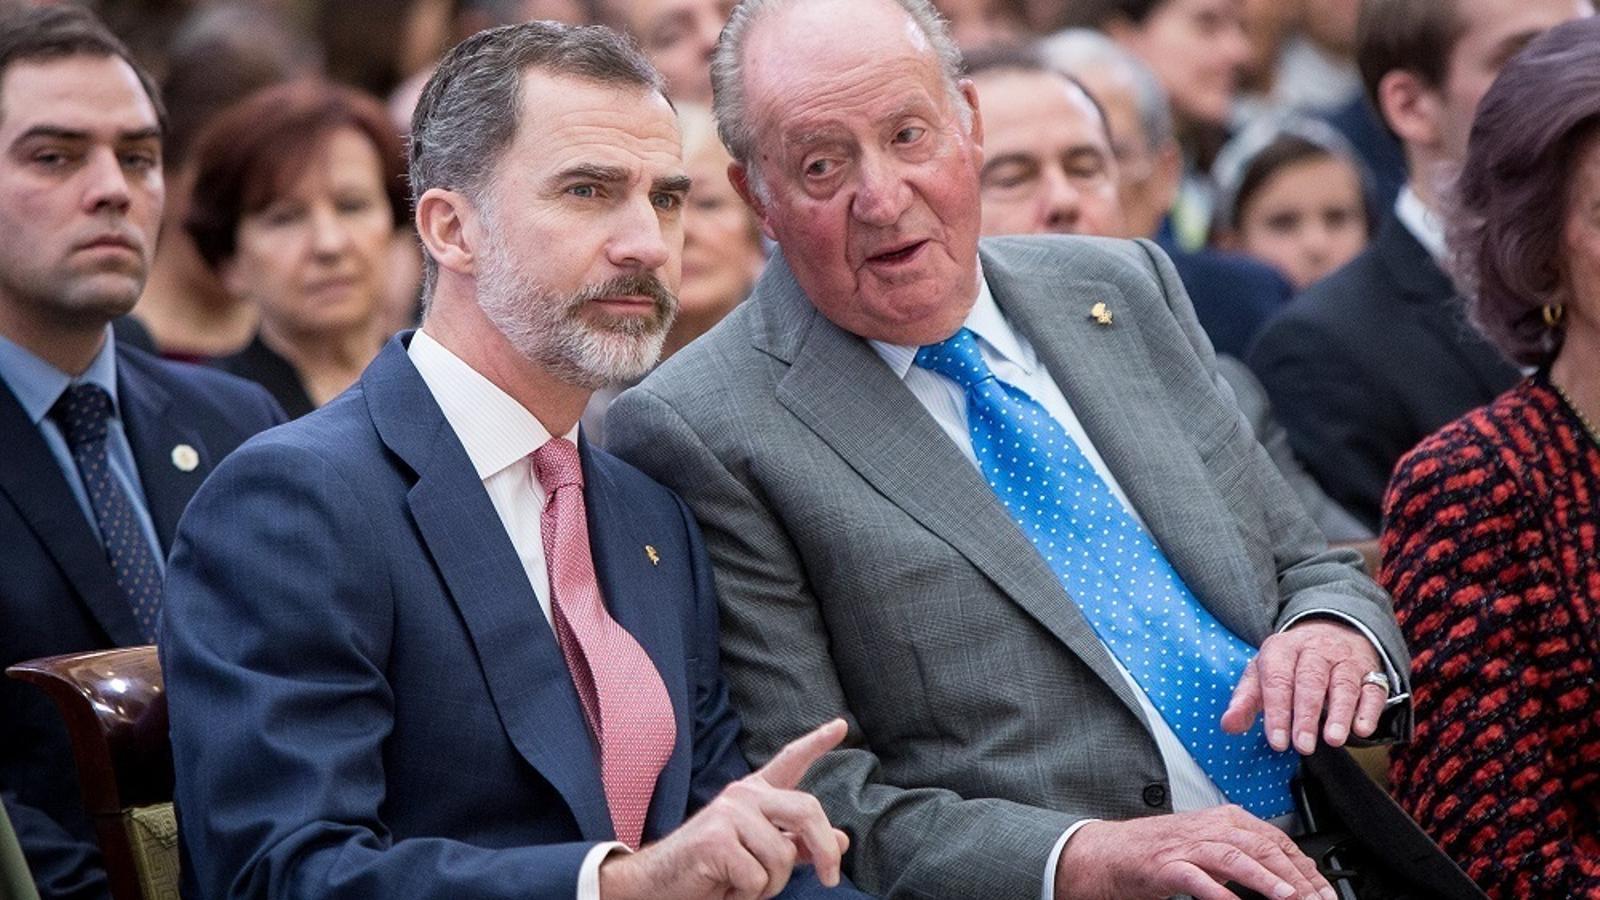 Felip VI i Joan Carles I en una imatge d'arxiu